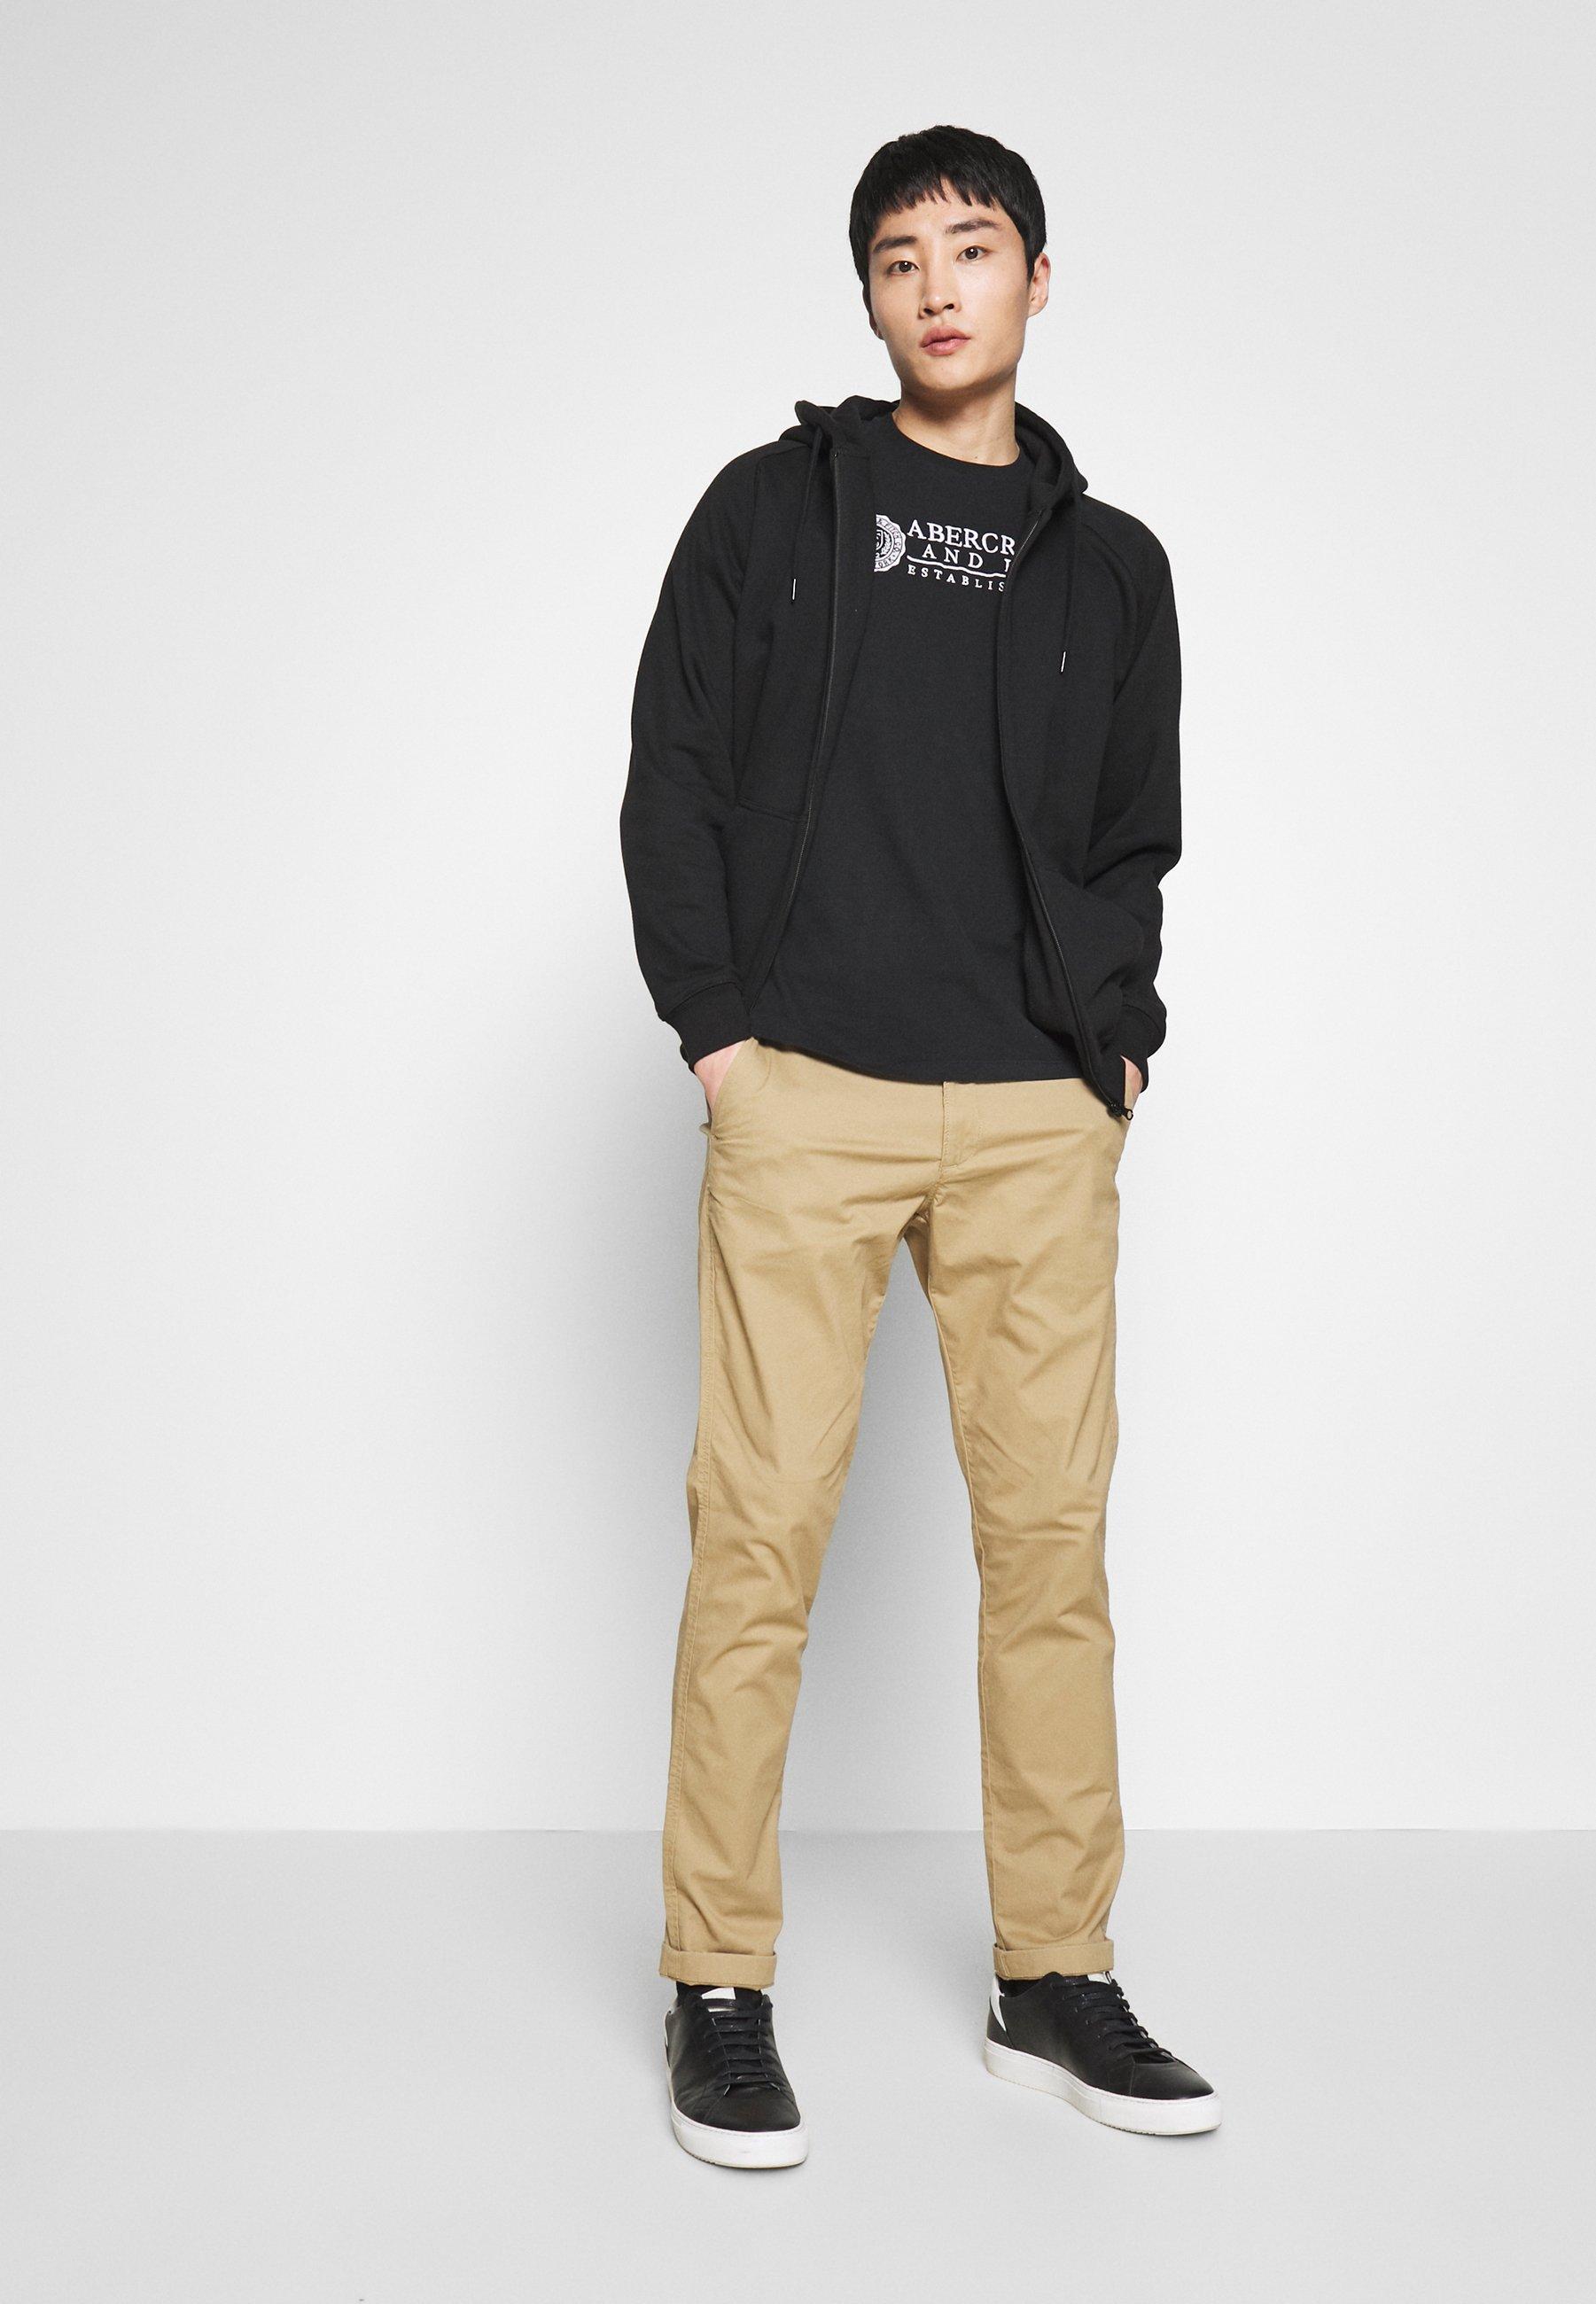 Abercrombie & Fitch Heritage - T-shirt Z Nadrukiem Black